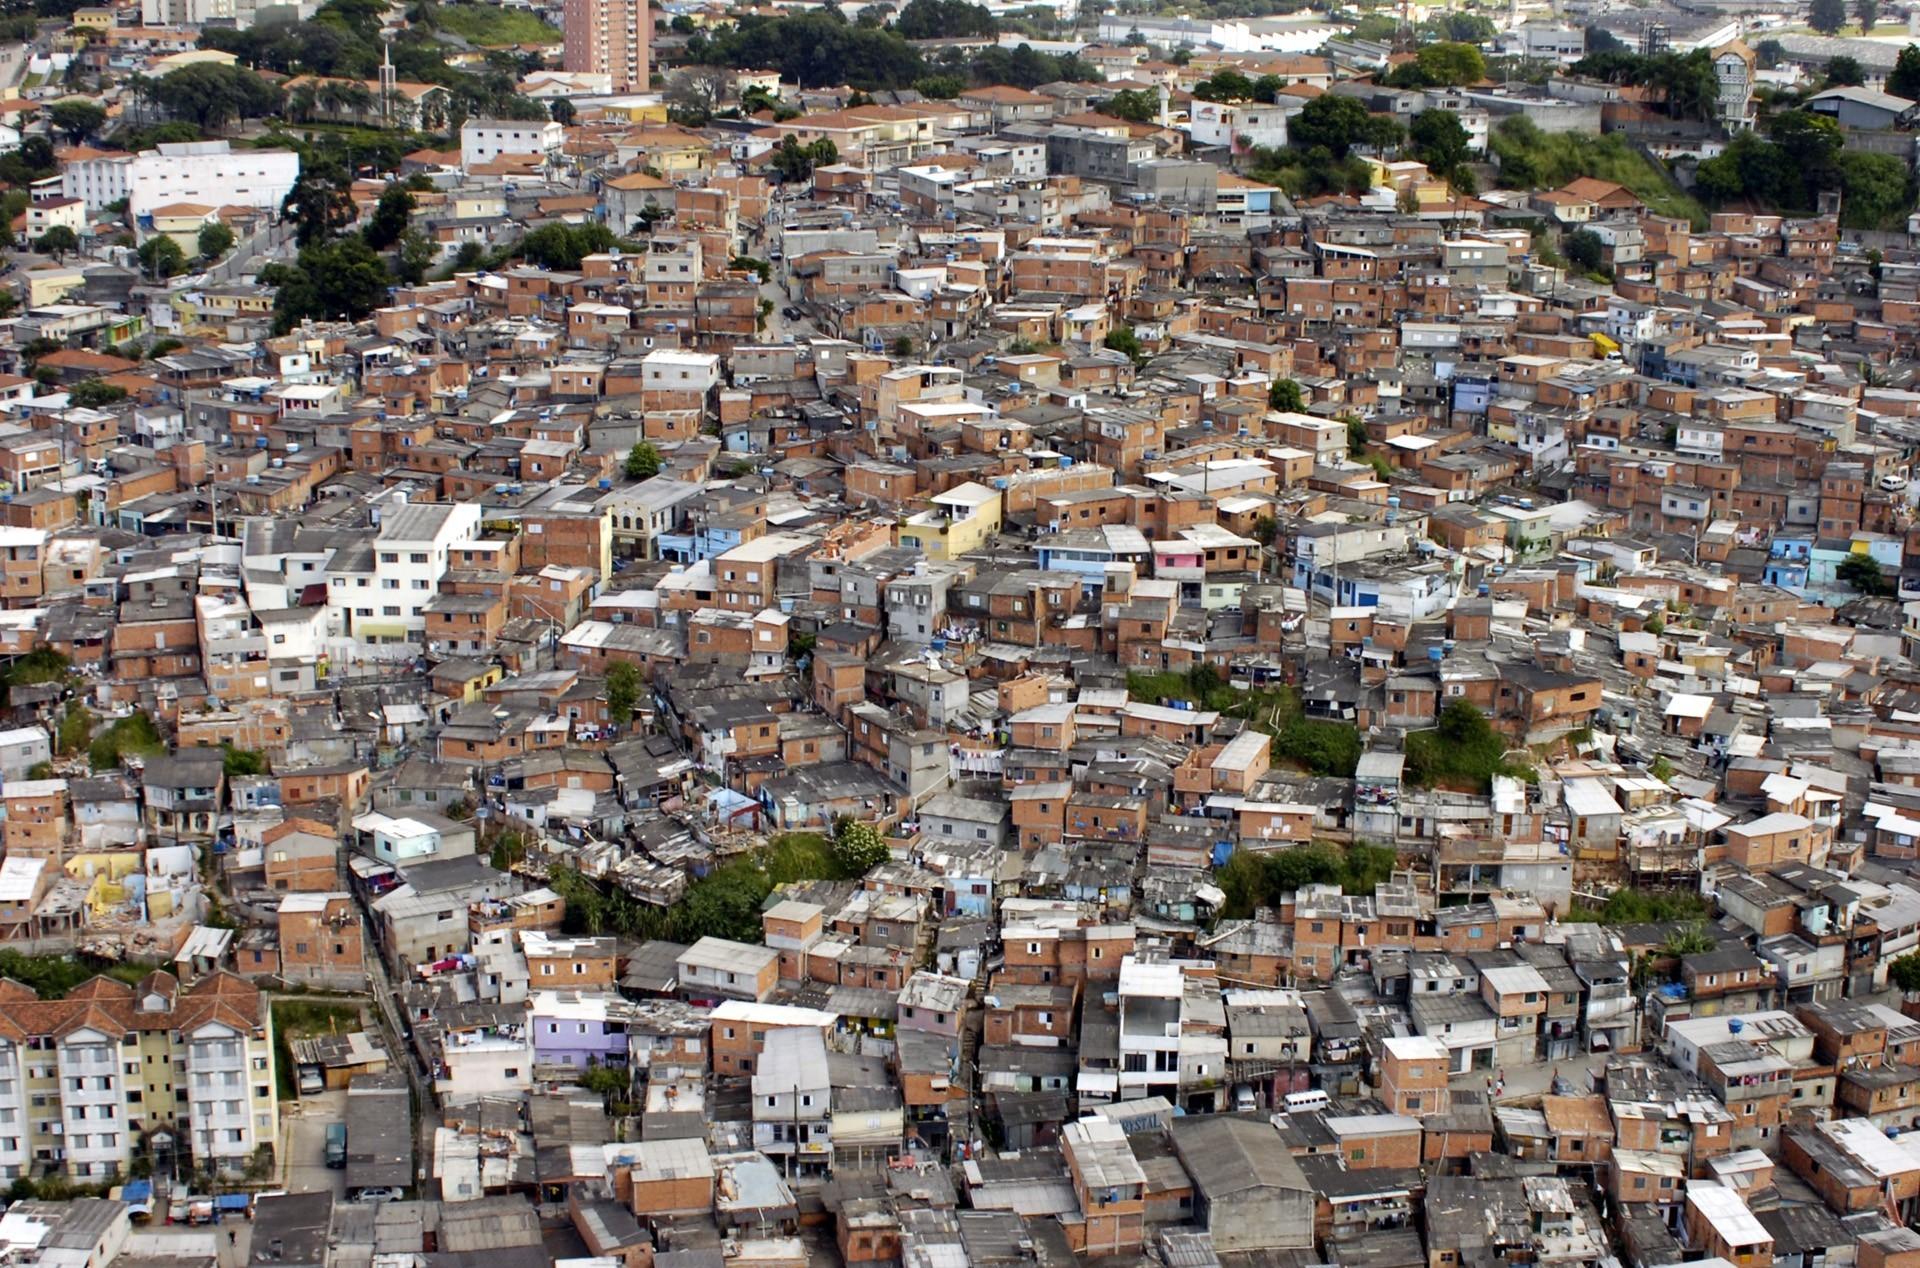 Favelas E Bairros 187 Usp Imagens Banco De Imagens Da Usp